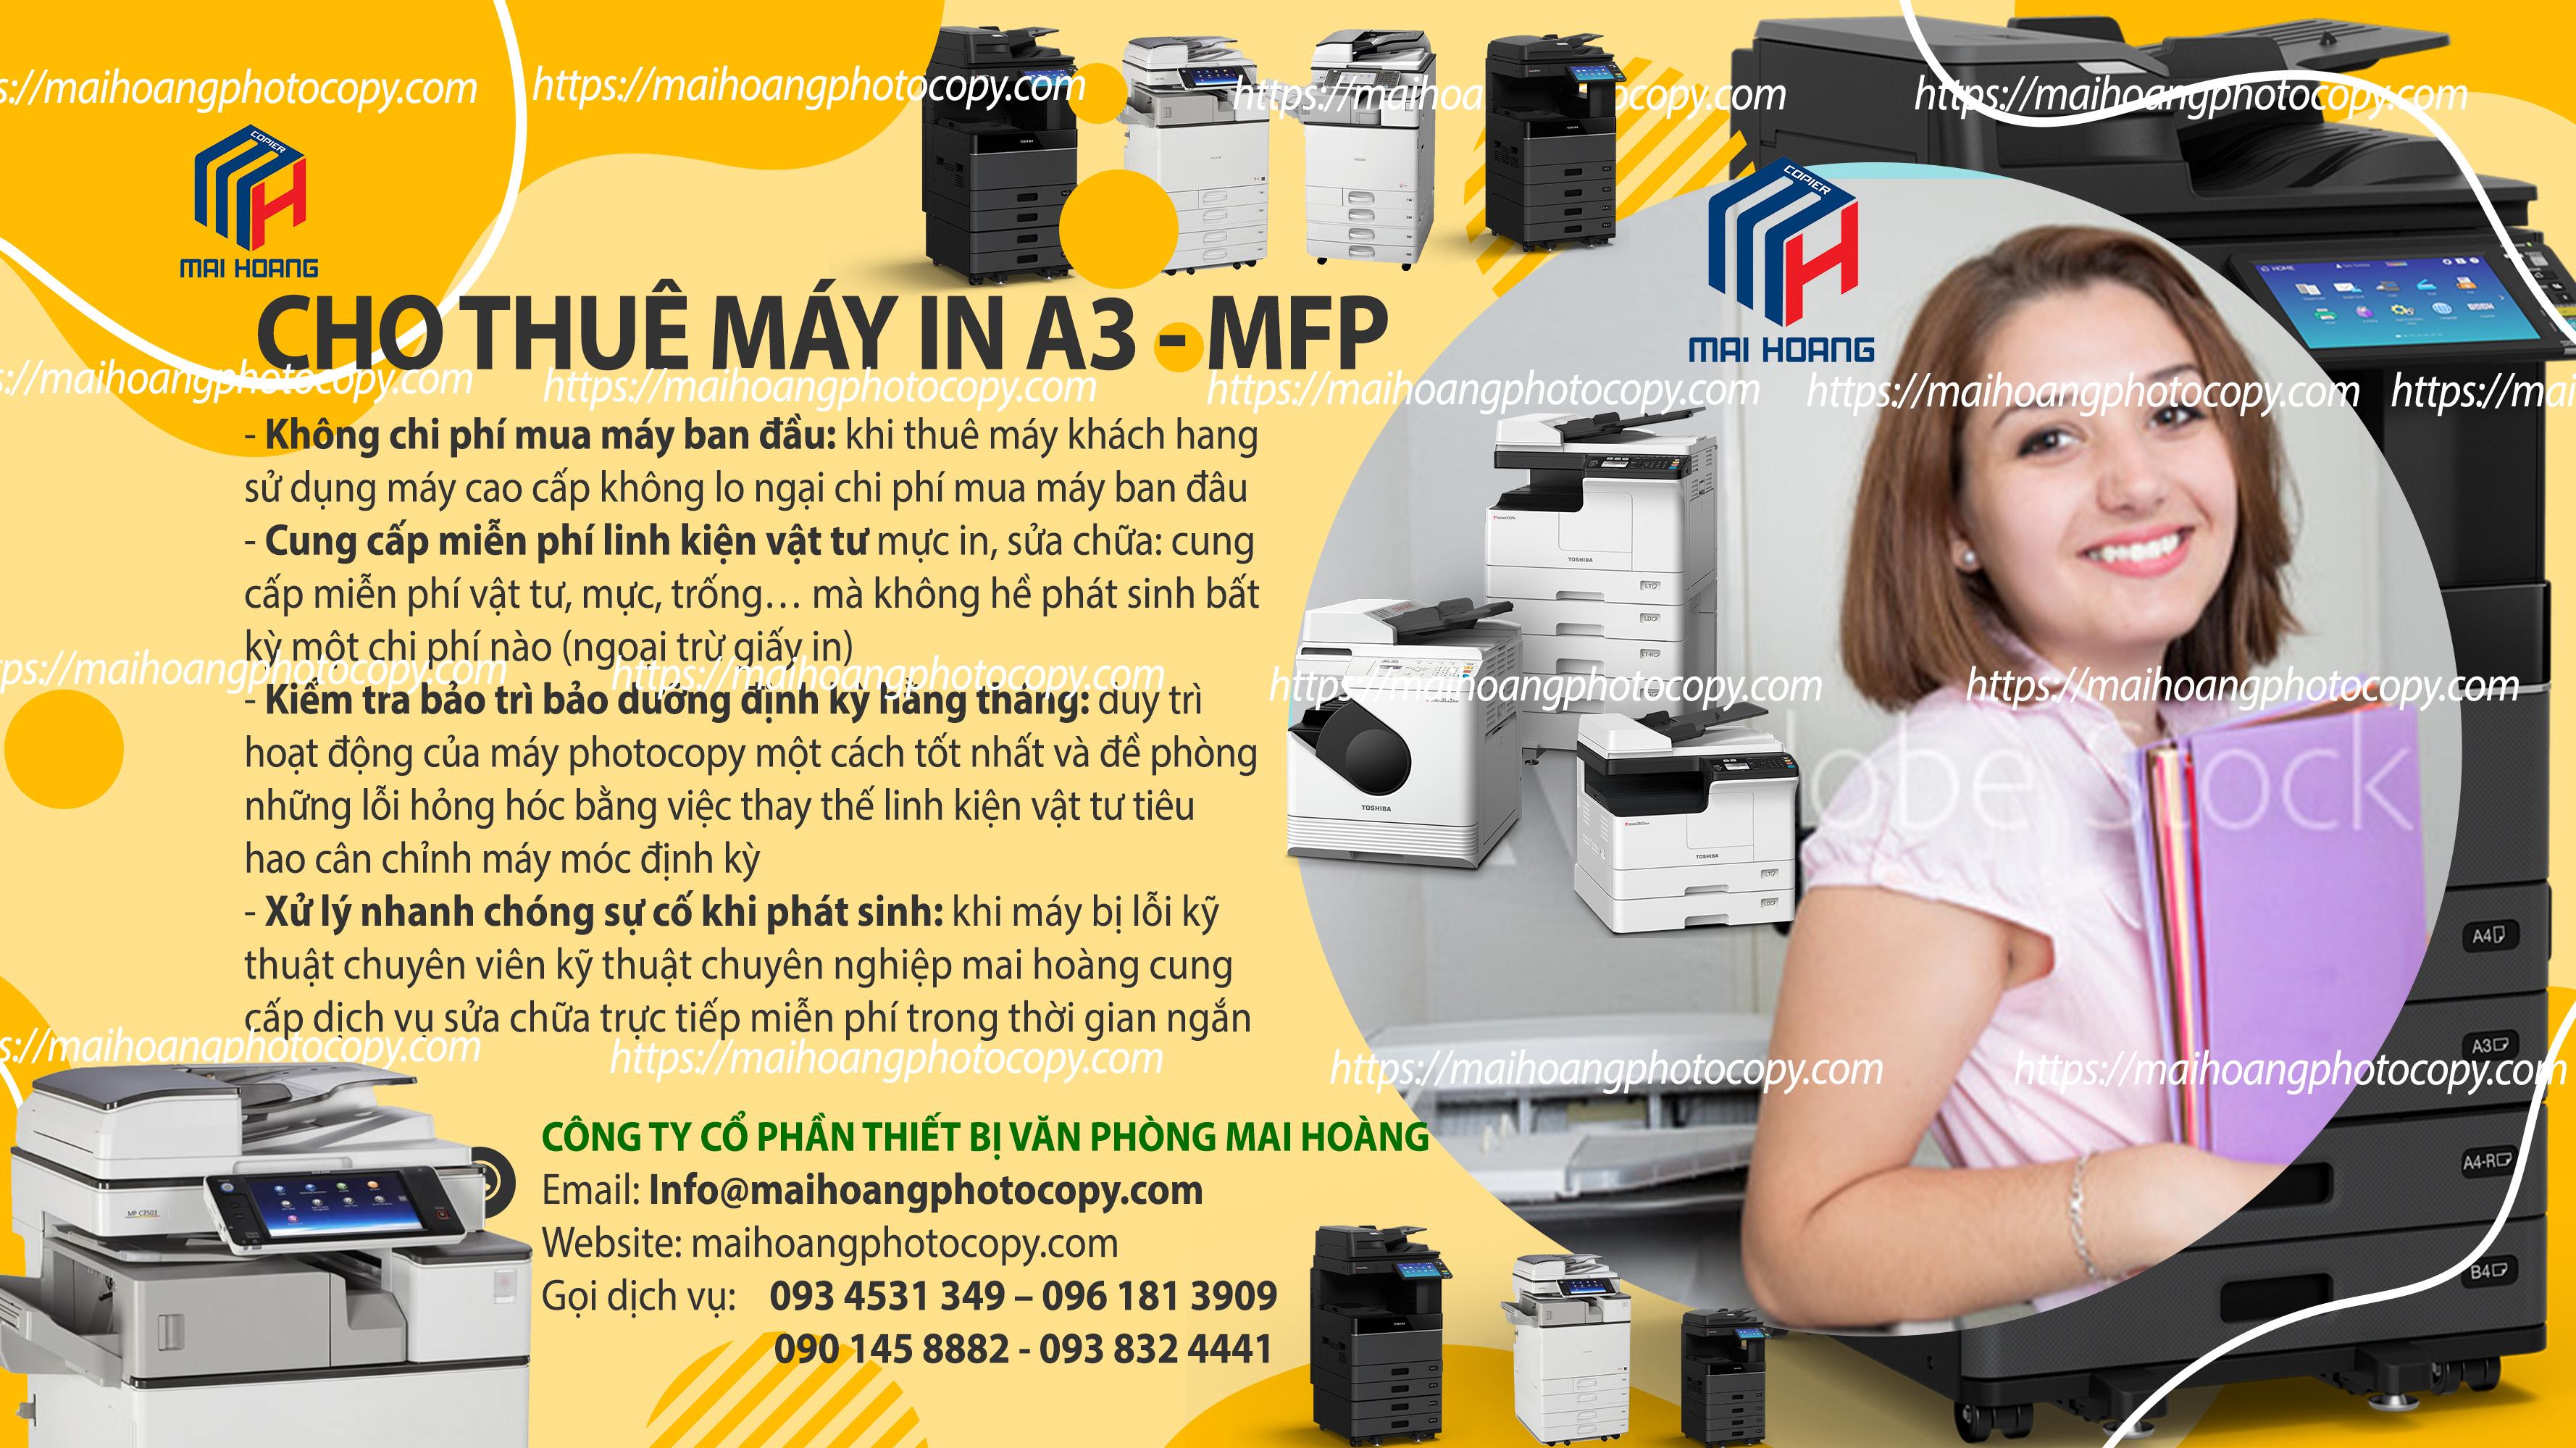 dịch vụ cho thuê máy in a3 đen trắng